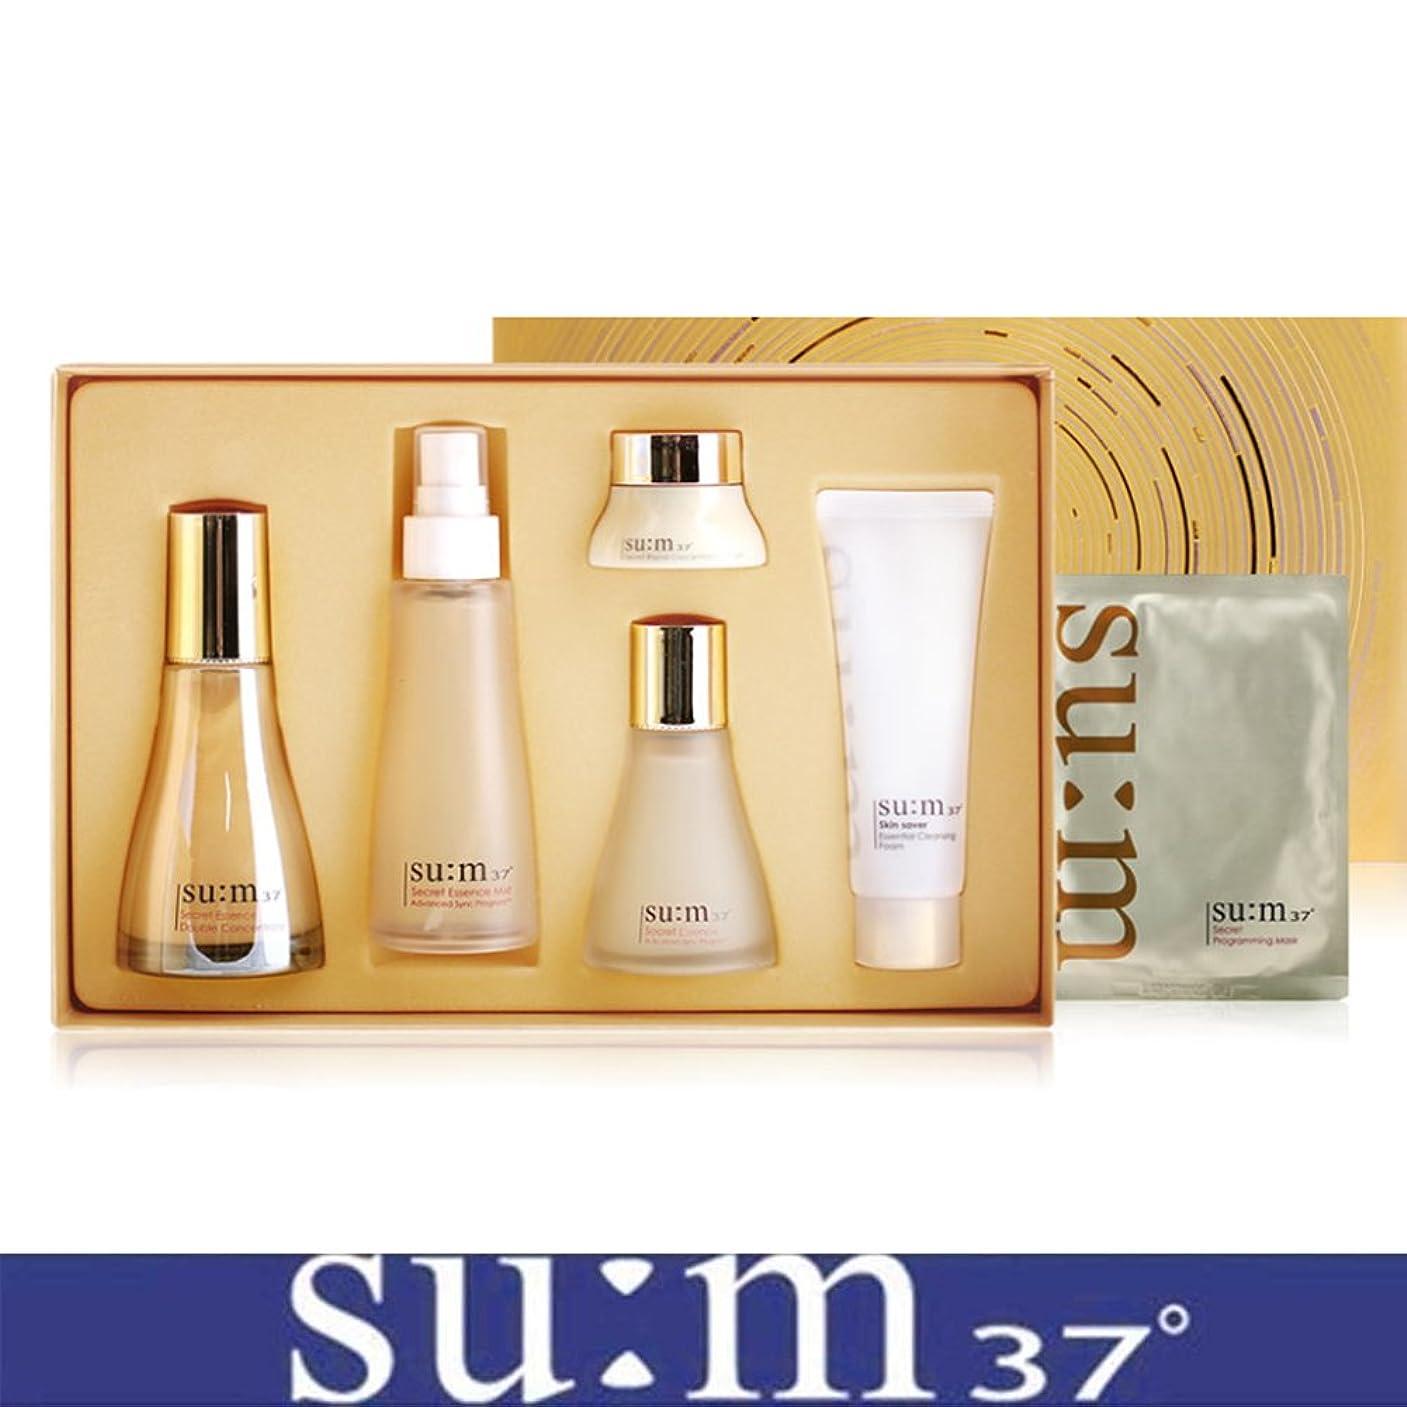 バッジ属する見つけた[su:m37/スム37°] SUM37 Secret Essence SPECIAL 100ml Limited Edition/シークレットエッセンススペシャルリミテッドエディション+[Sample Gift](海外直送品)